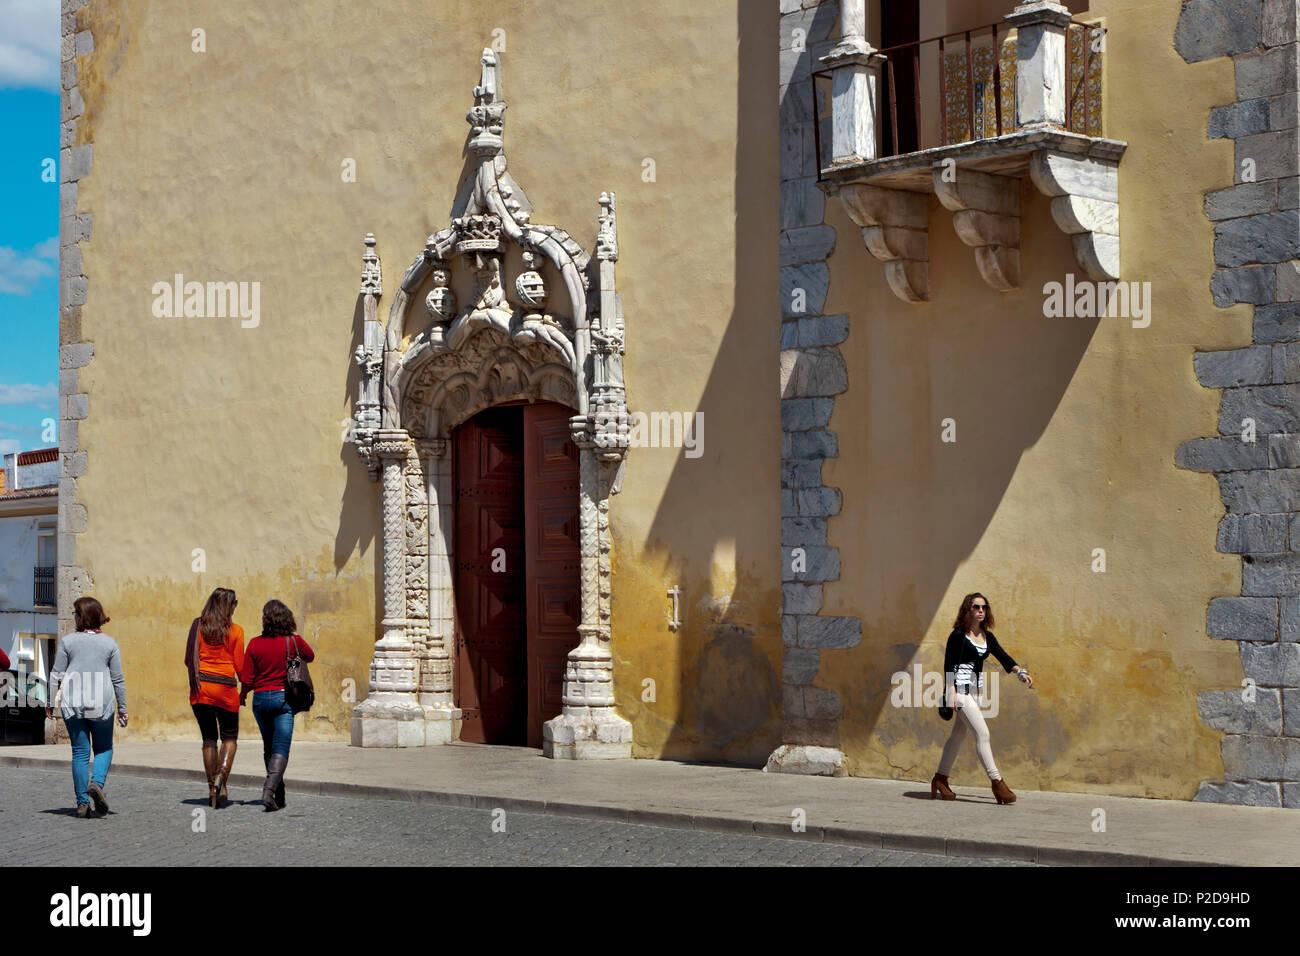 Entrée d'une église, Moura, Alentejo, Portugal Photo Stock